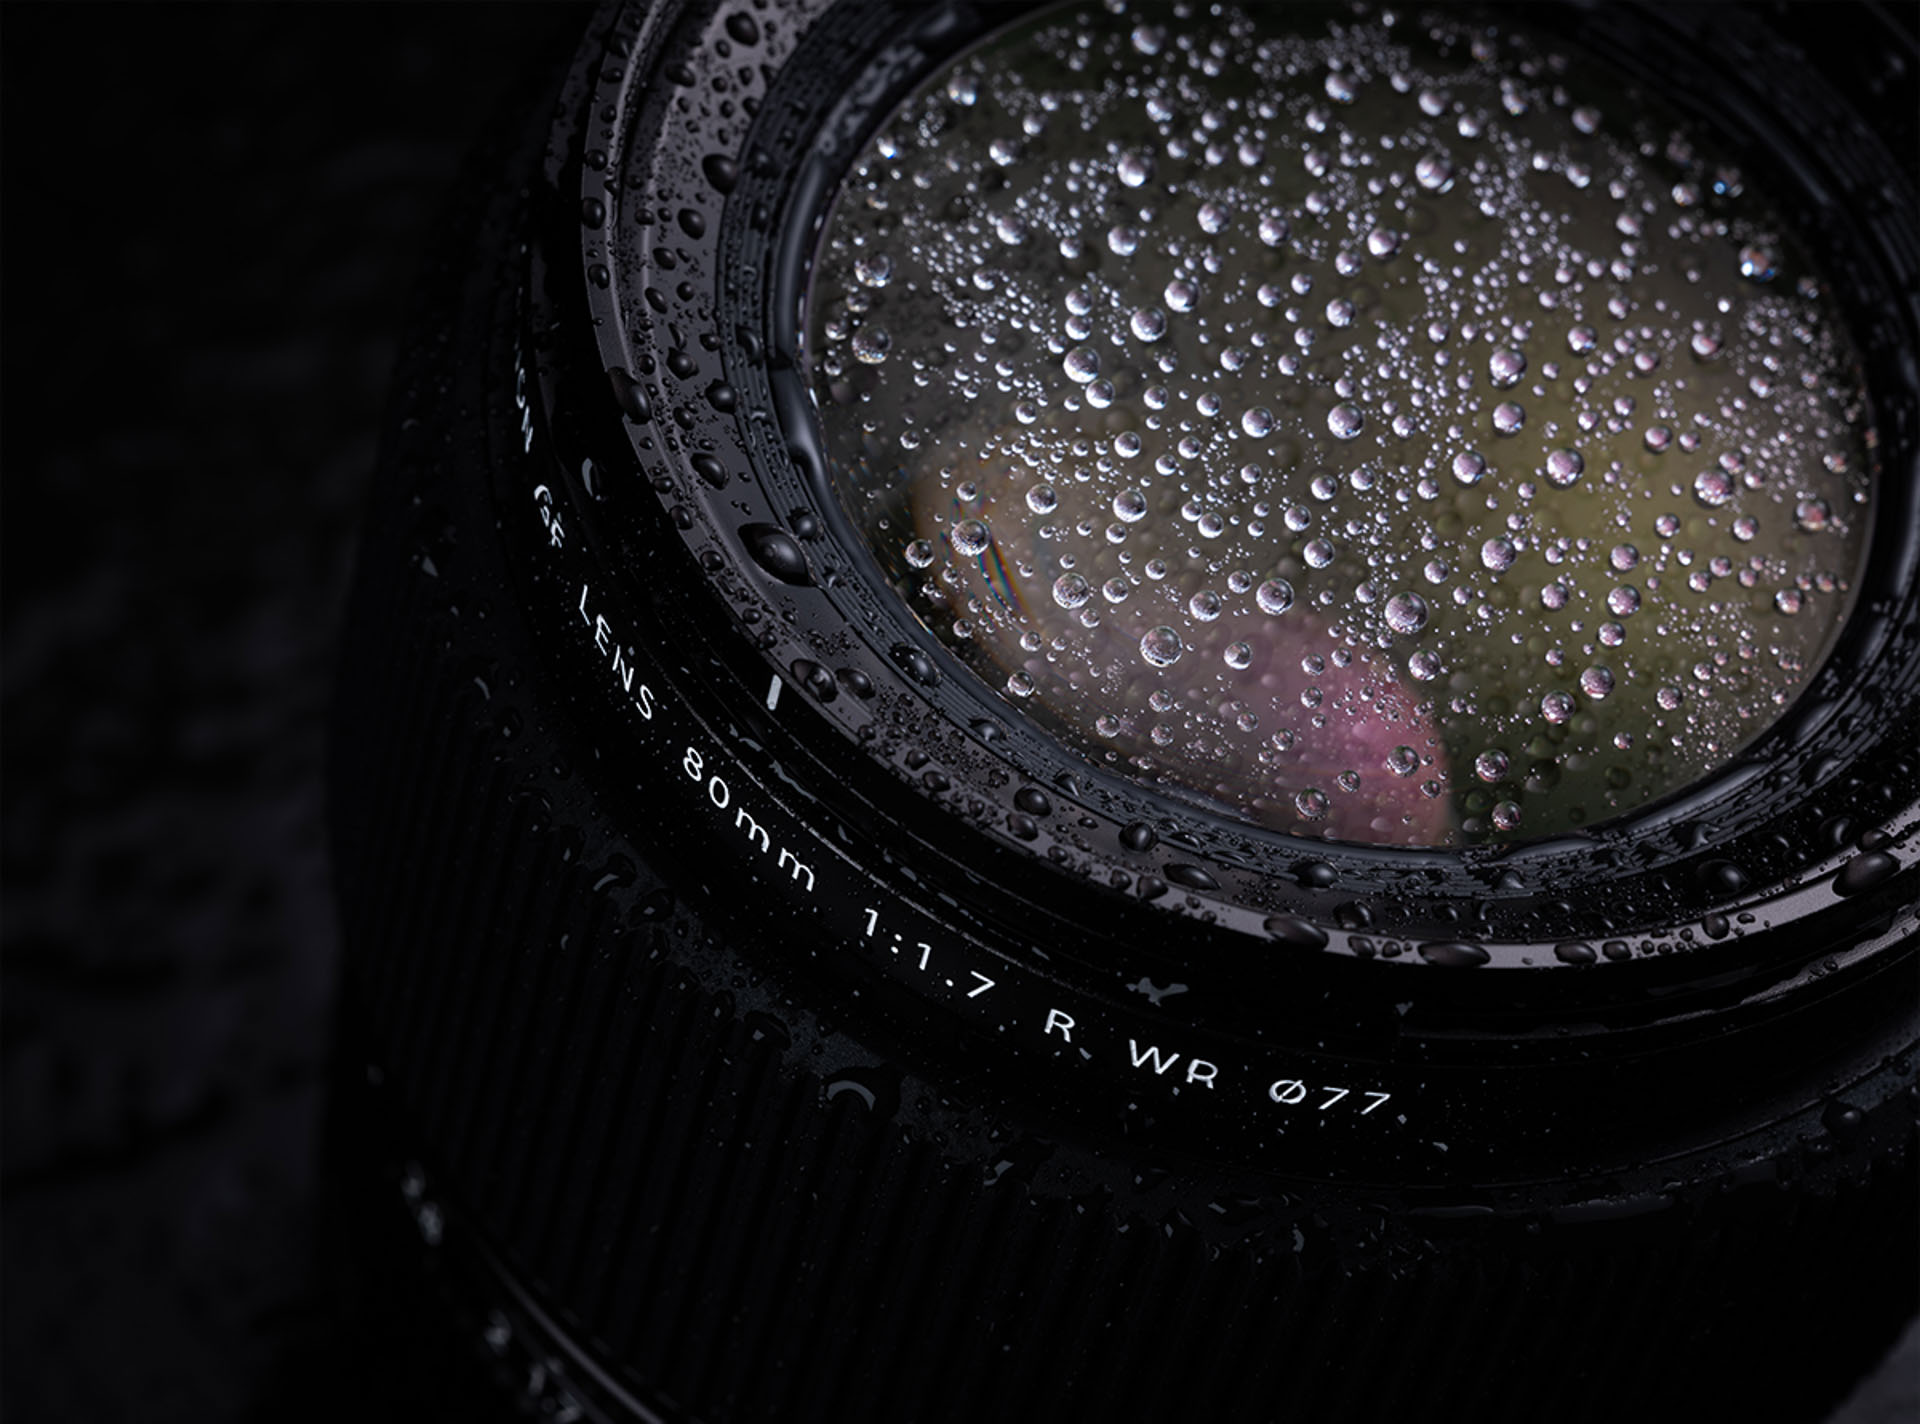 GF80mm f1.7 WR